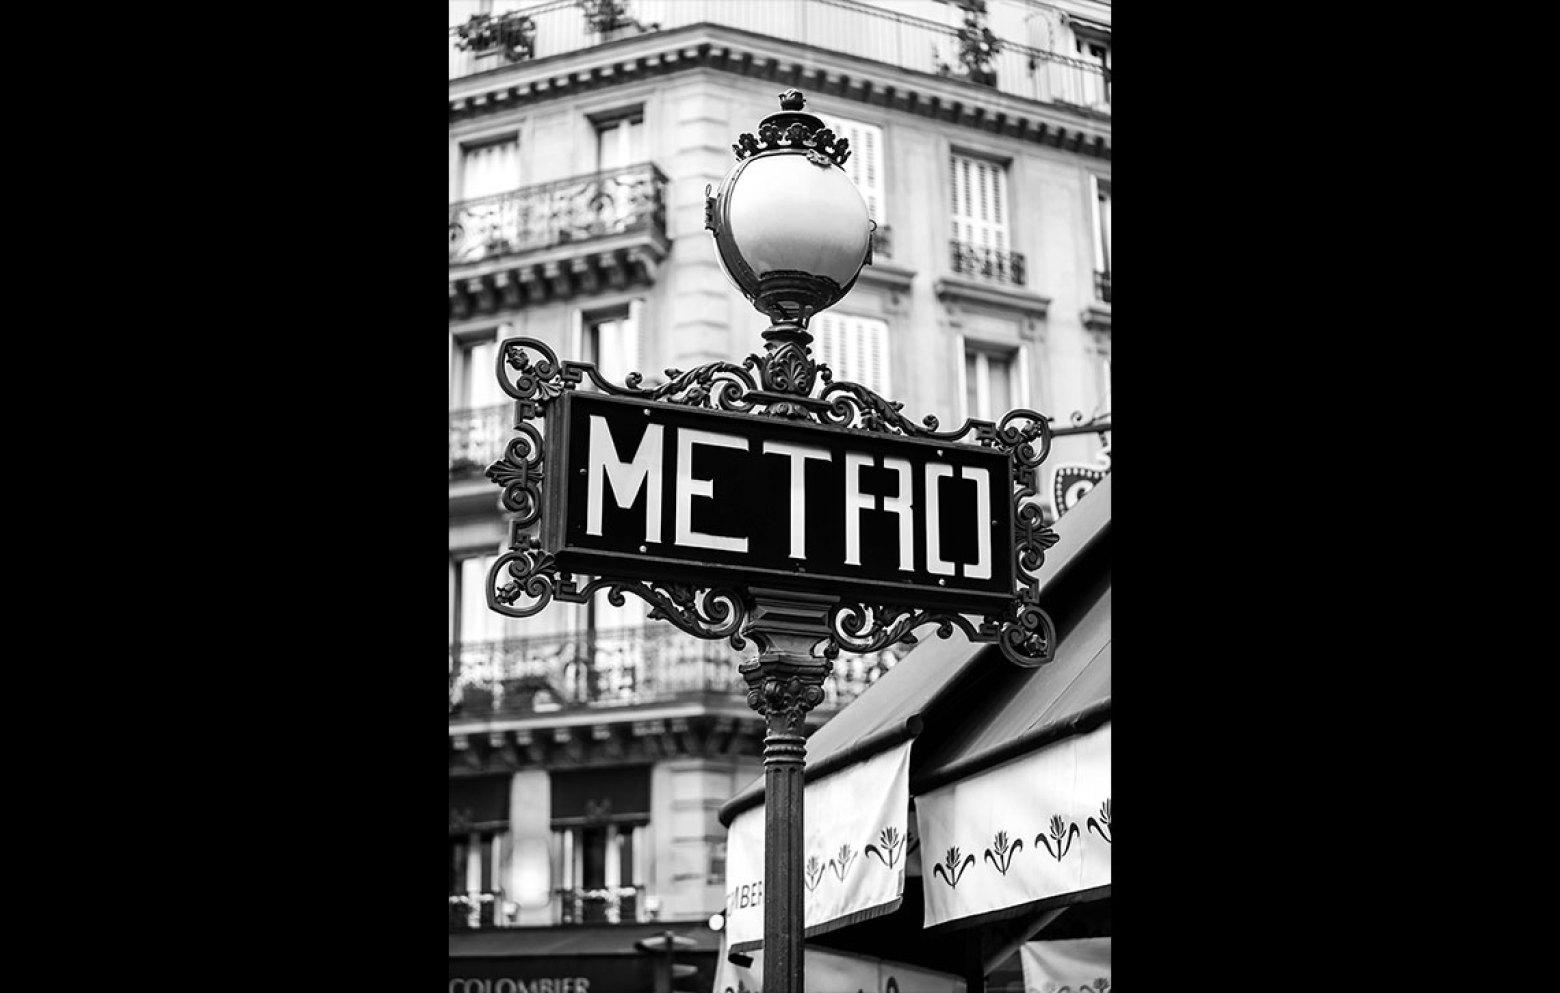 Metro entrance paris bilder kleinm bel accessoires for Whos perfect berlin